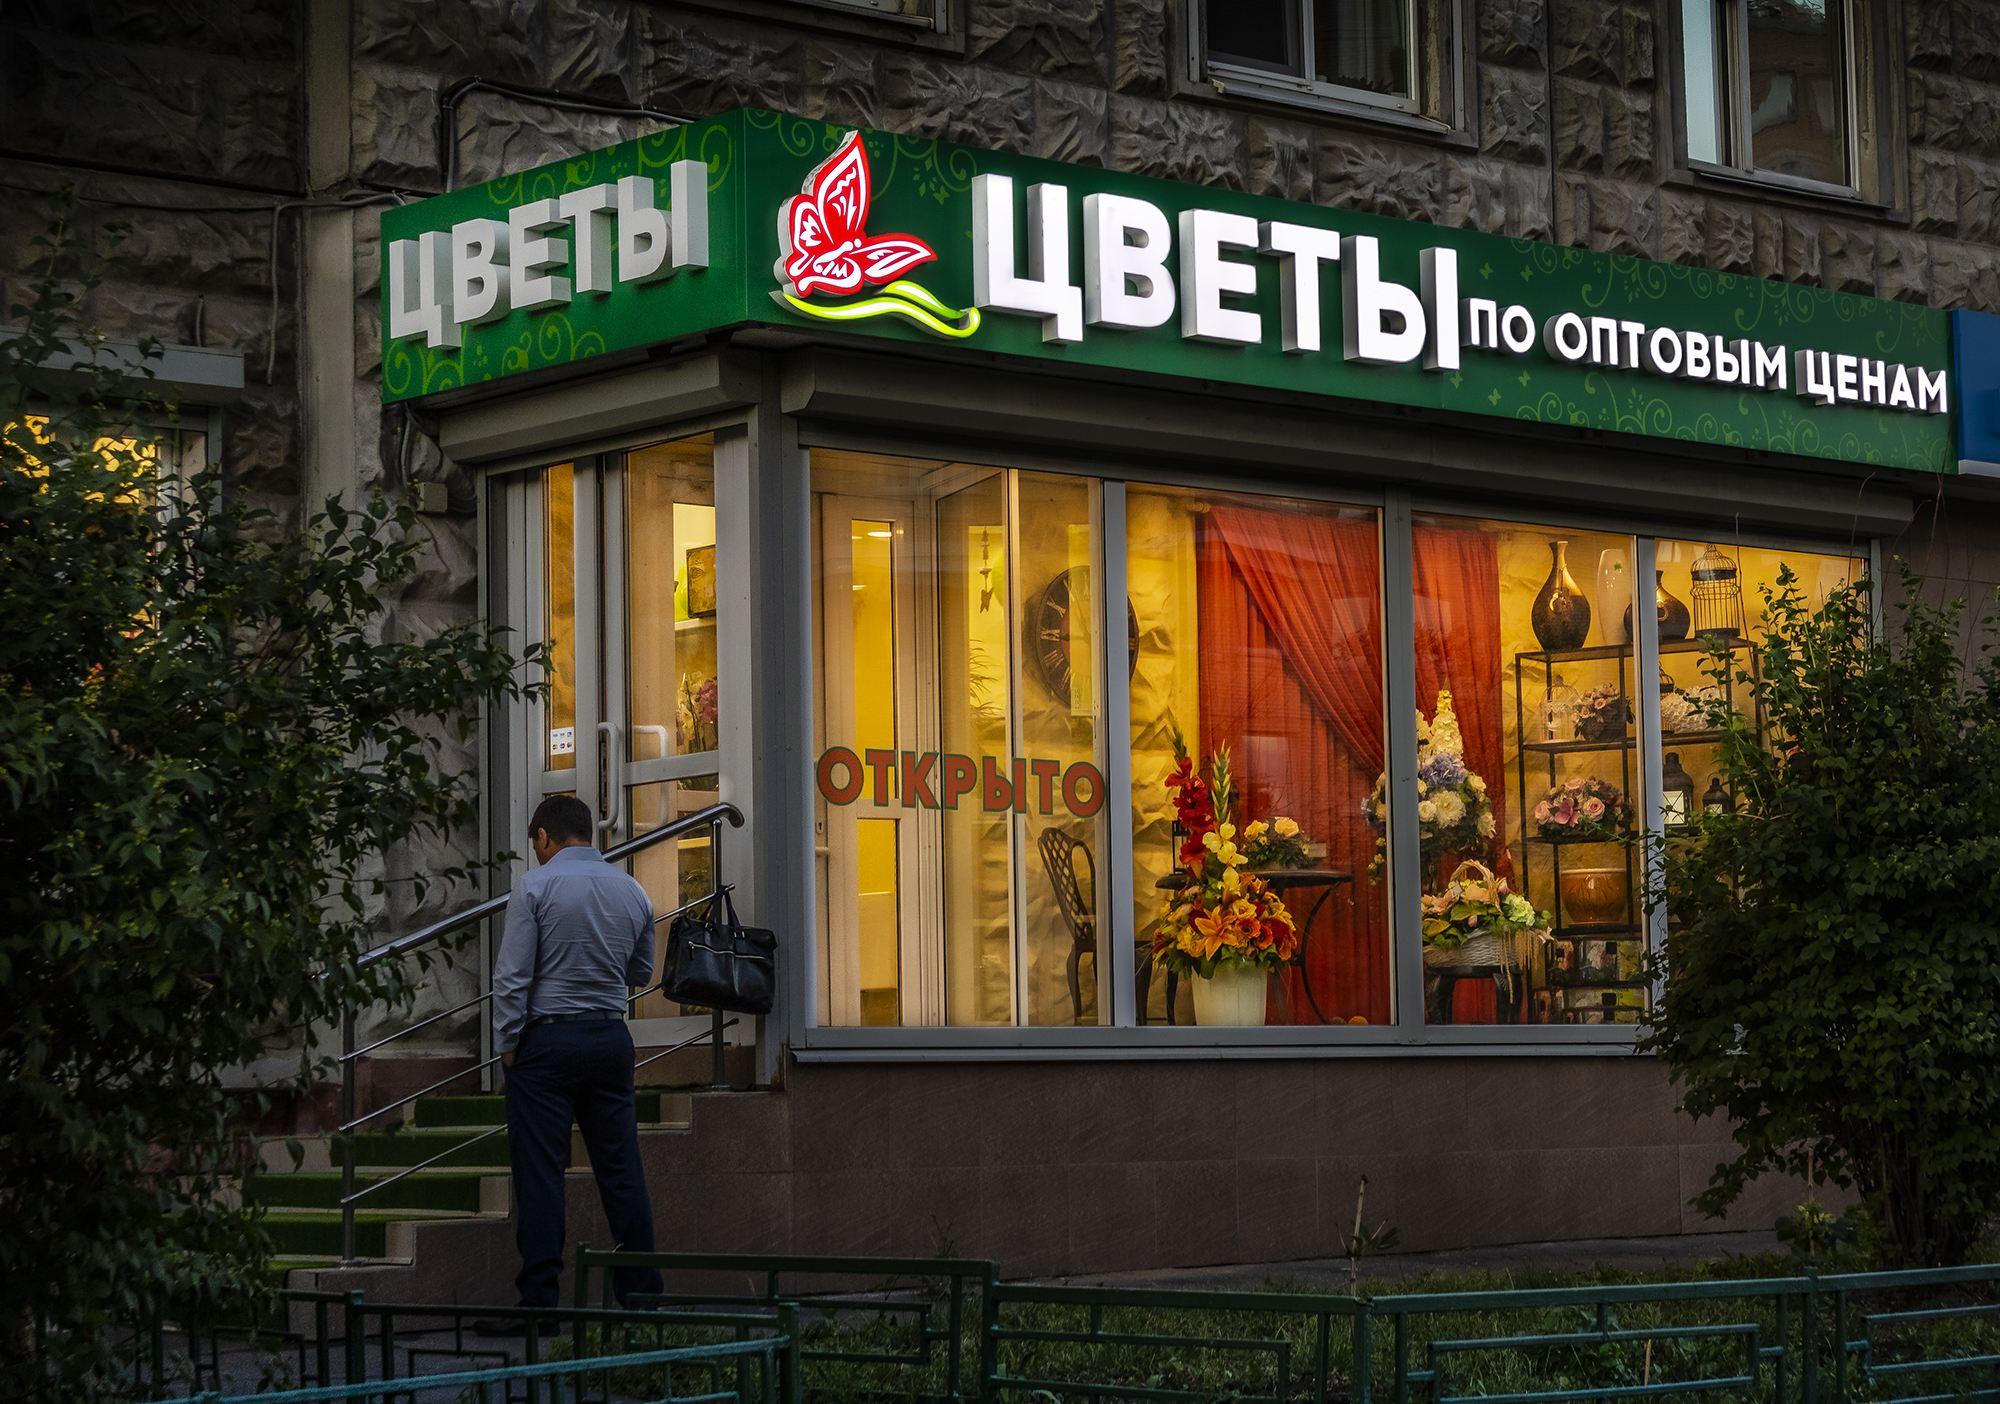 Вывески магазинов в красно зеленых цветах фото вмешиваем просеянную